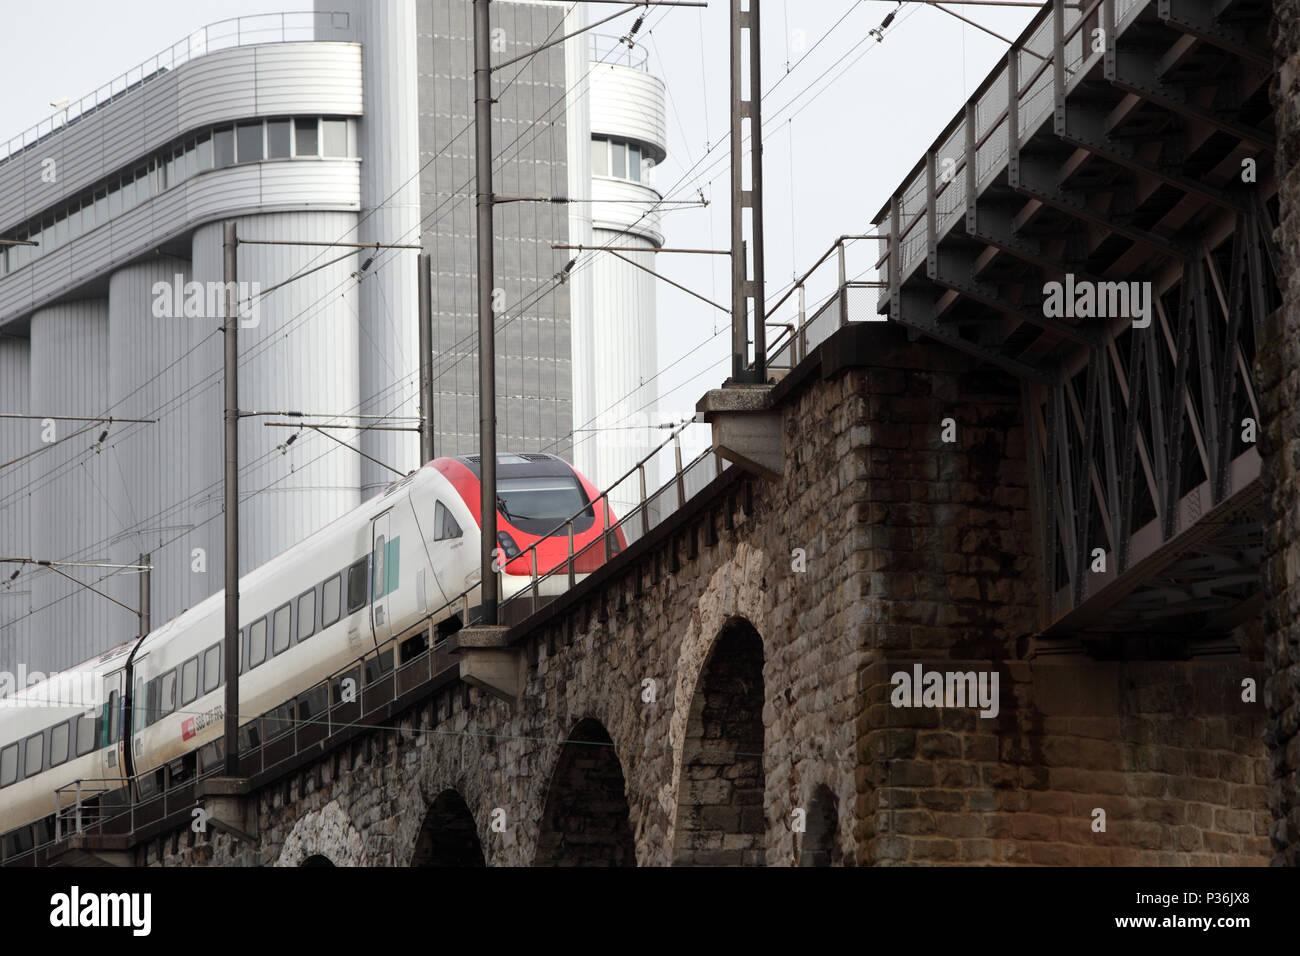 Zurigo, Svizzera, treno delle Ferrovie Federali Svizzere rigidi su un viadotto Immagini Stock